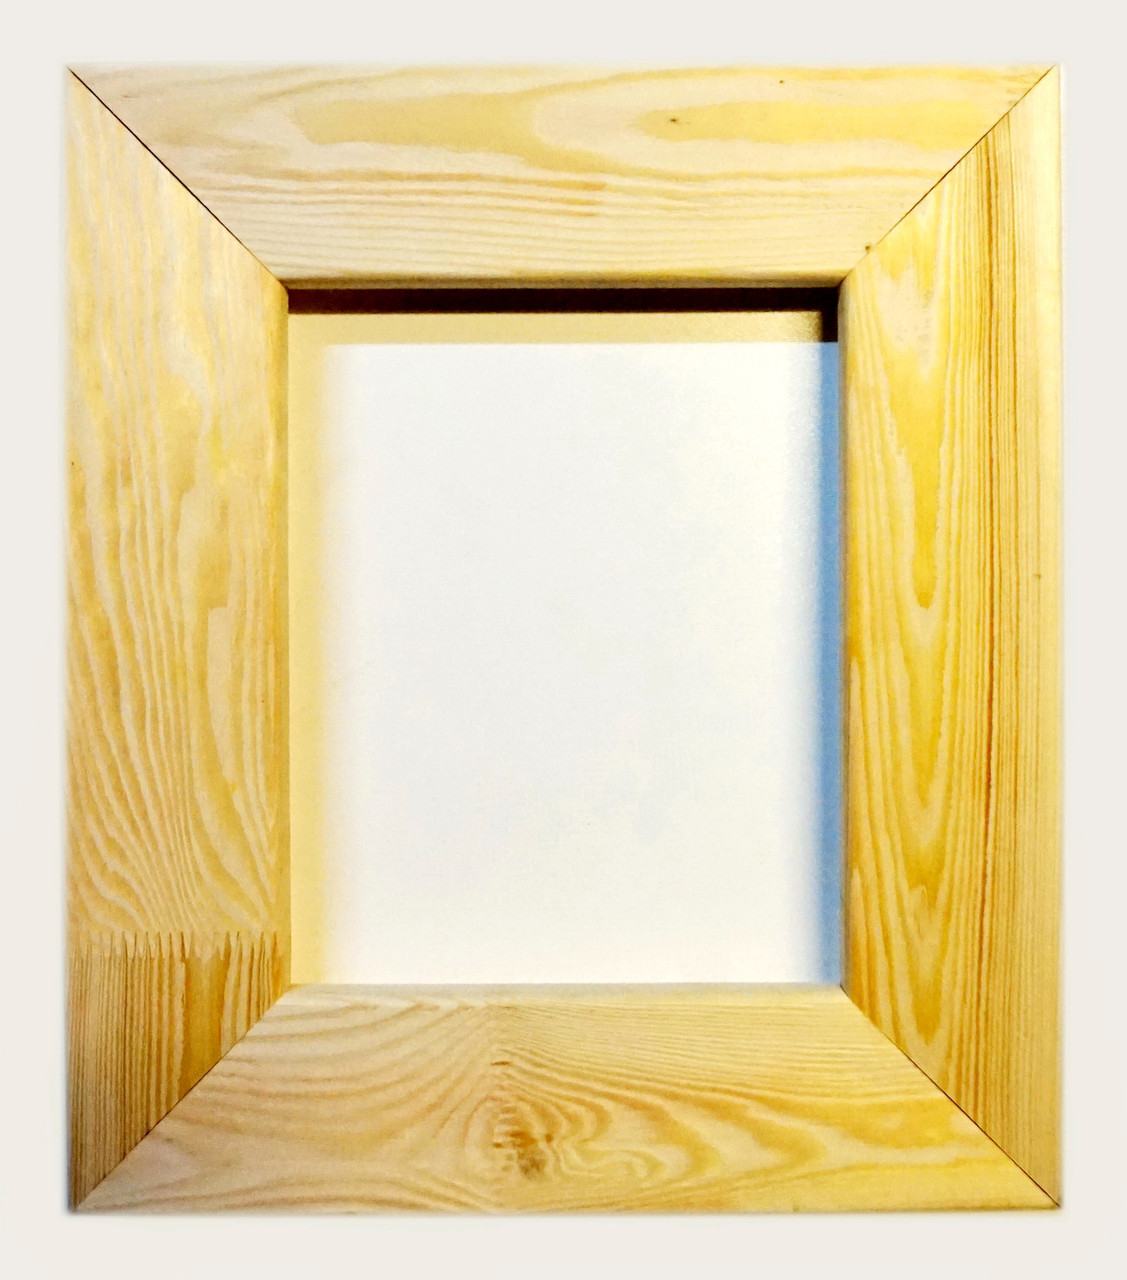 Рамка деревянная плоская с брашировкой под дуб шириной 75мм для декора.90х120см